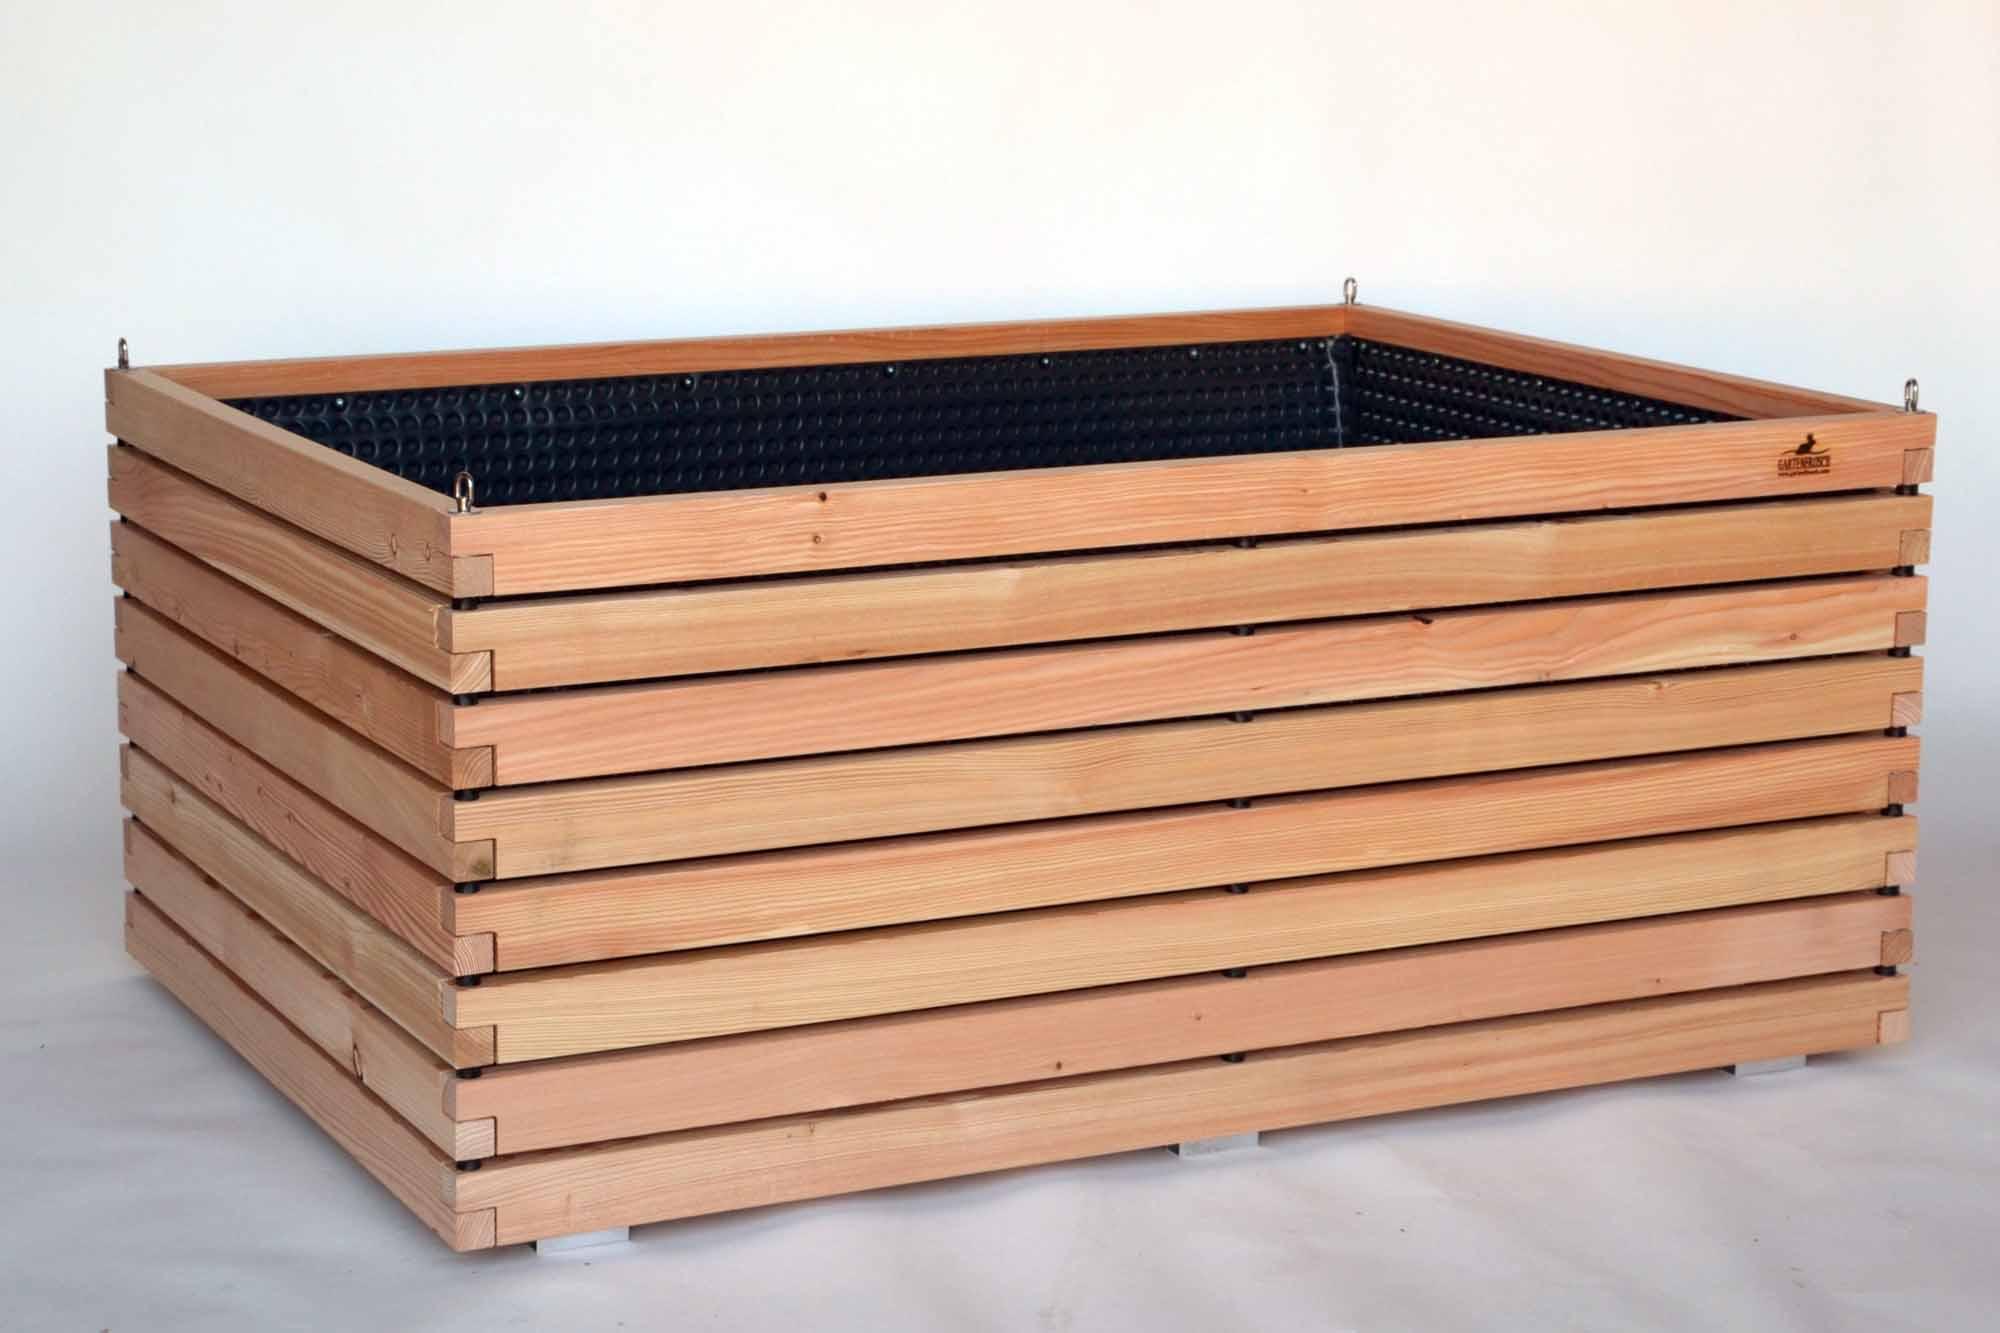 gro es hochbeet aus holz der l rche f r terrasse und einfahrt. Black Bedroom Furniture Sets. Home Design Ideas